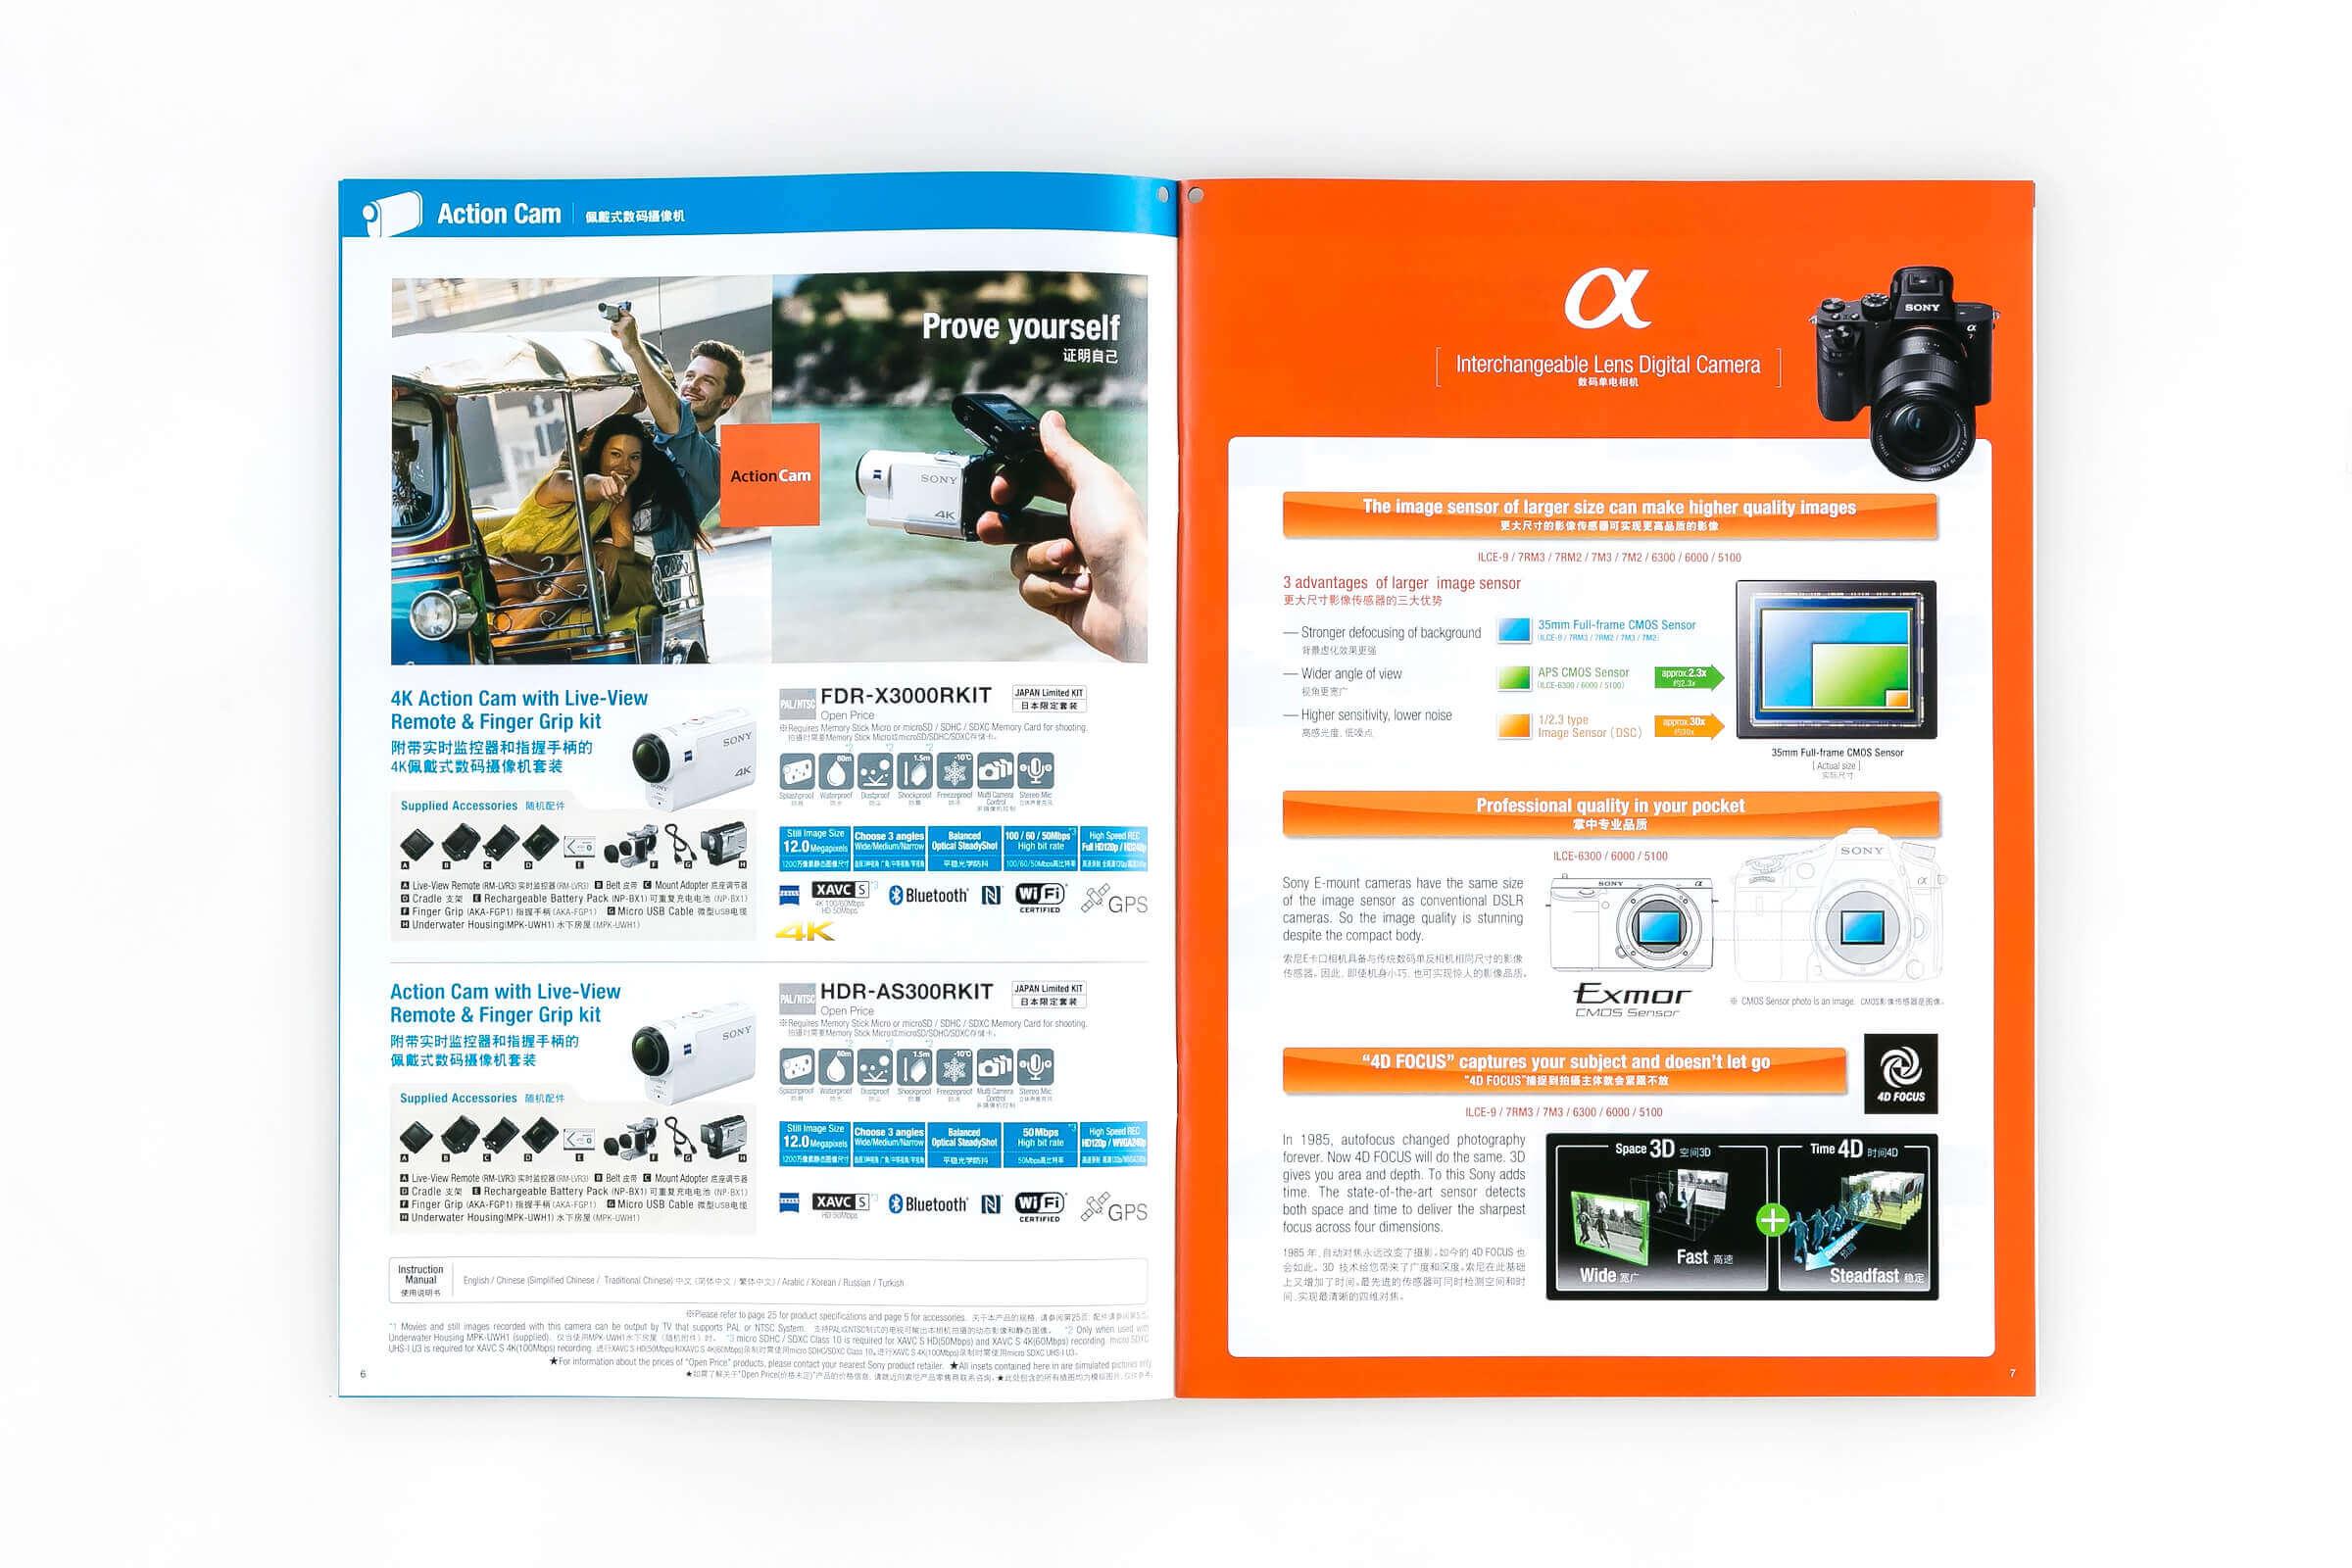 オーバーシーズモデル総合パンフレット2018年夏号 6-7 アクションカム、アルファ商品ページ